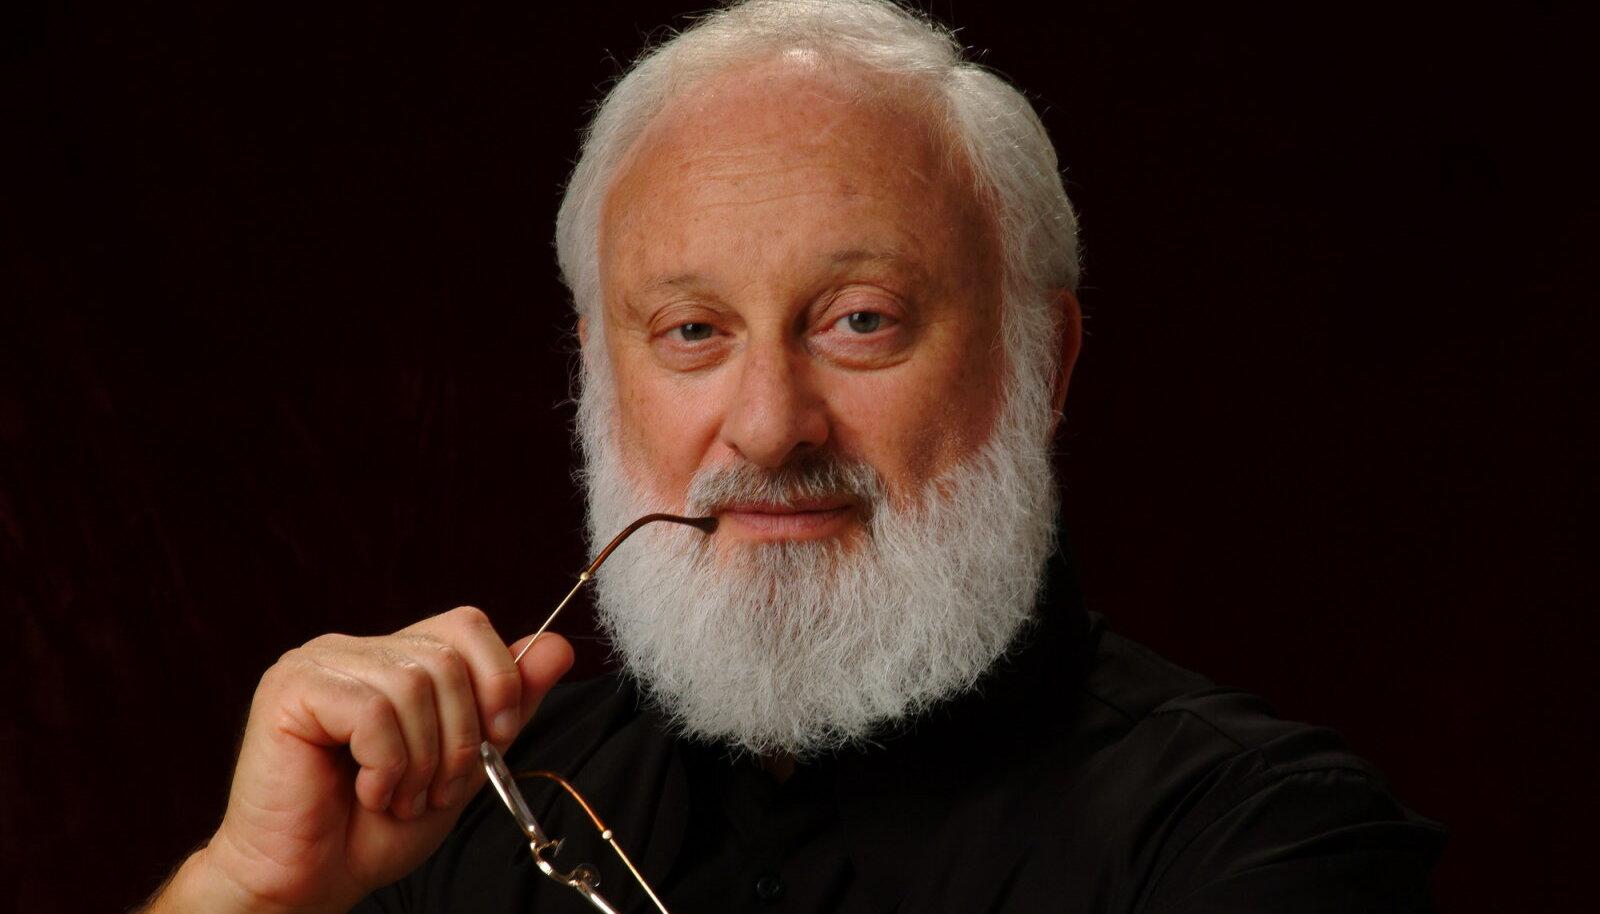 filosoofiadoktor Michael Laitman